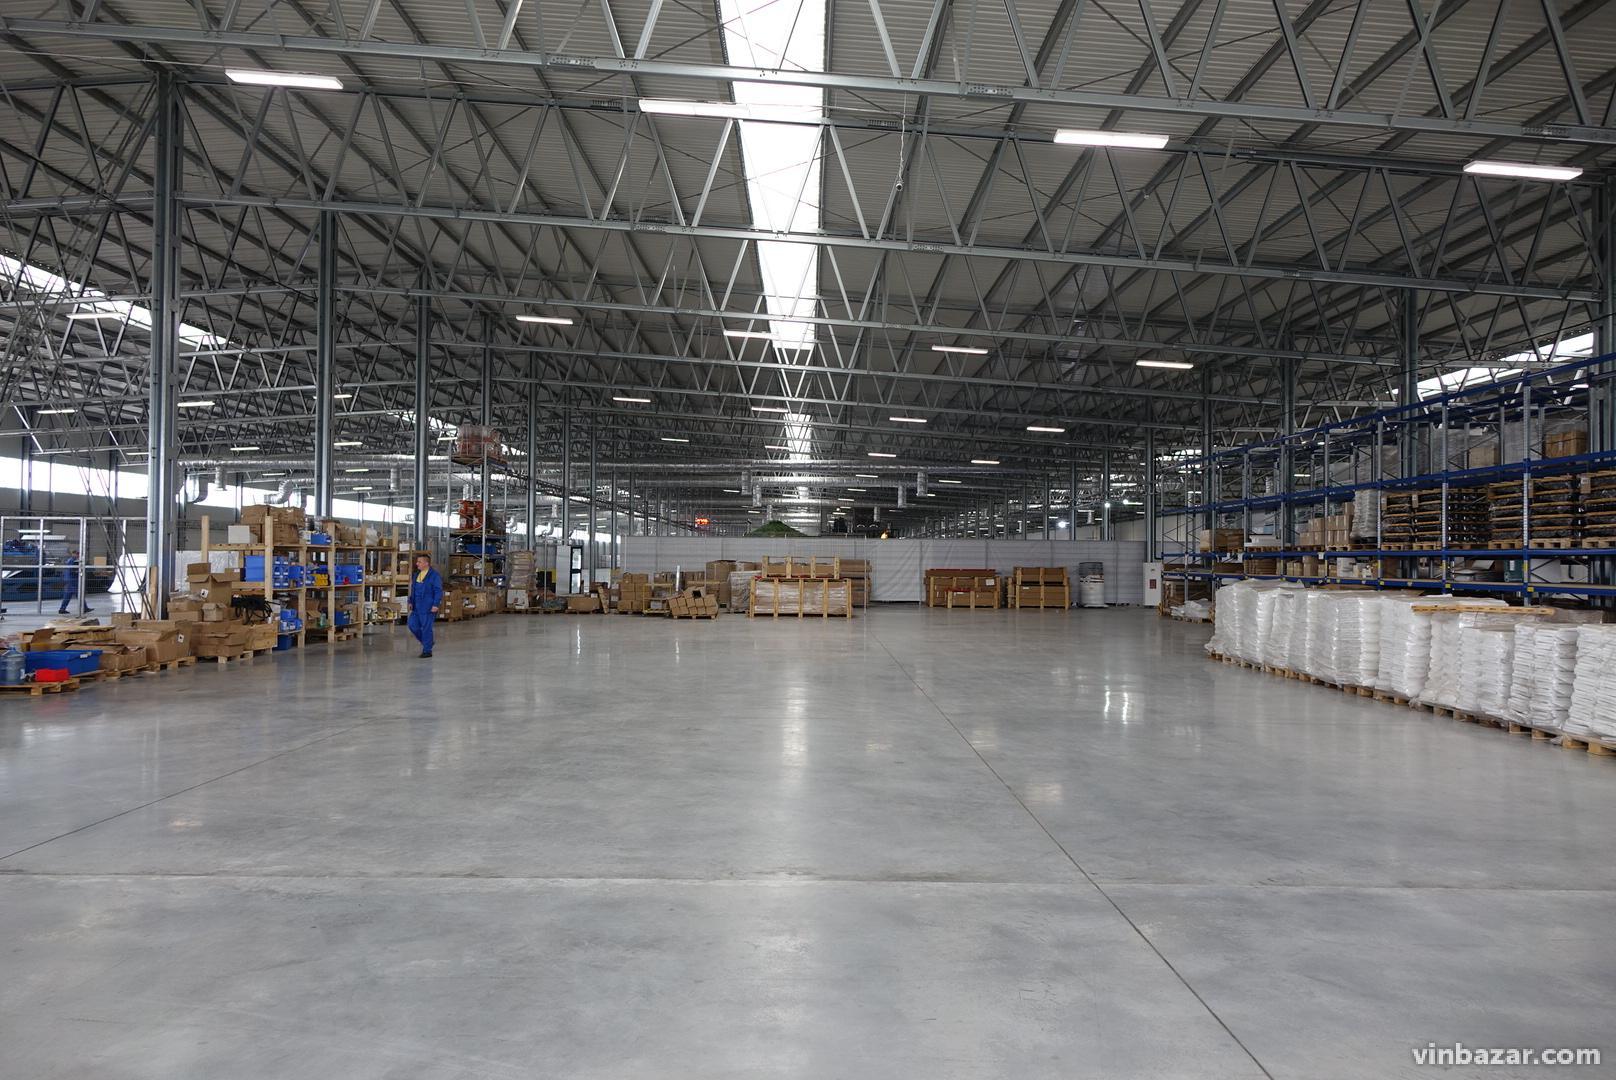 У Вінниці відкрили новий завод UBC, який вироблятиме холодильне обладнання (Фото)